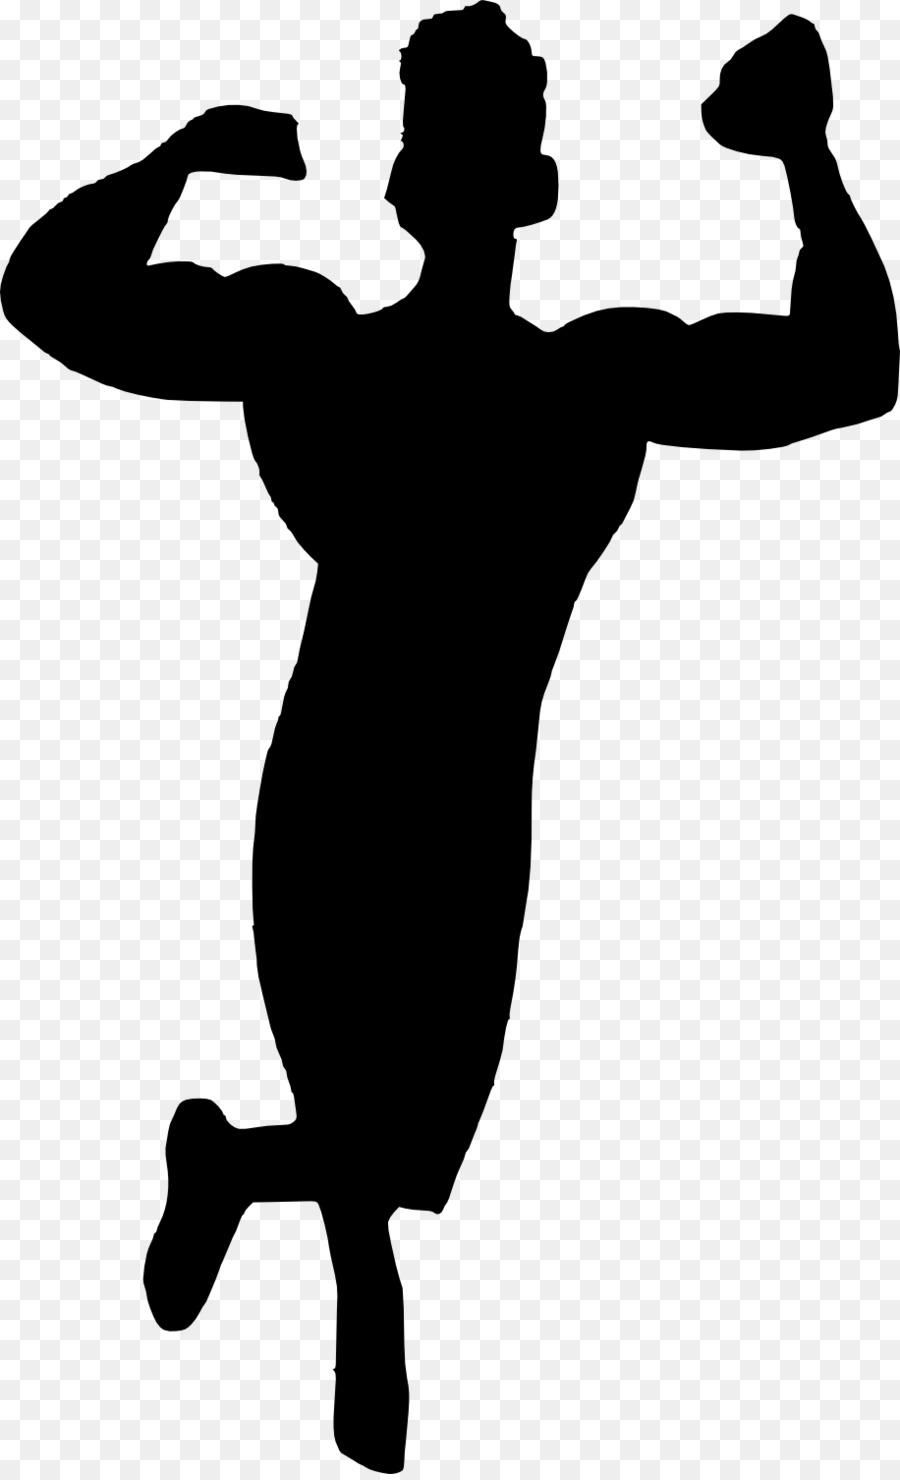 La Silueta De Culturismo Muscular - musculación png dibujo ...